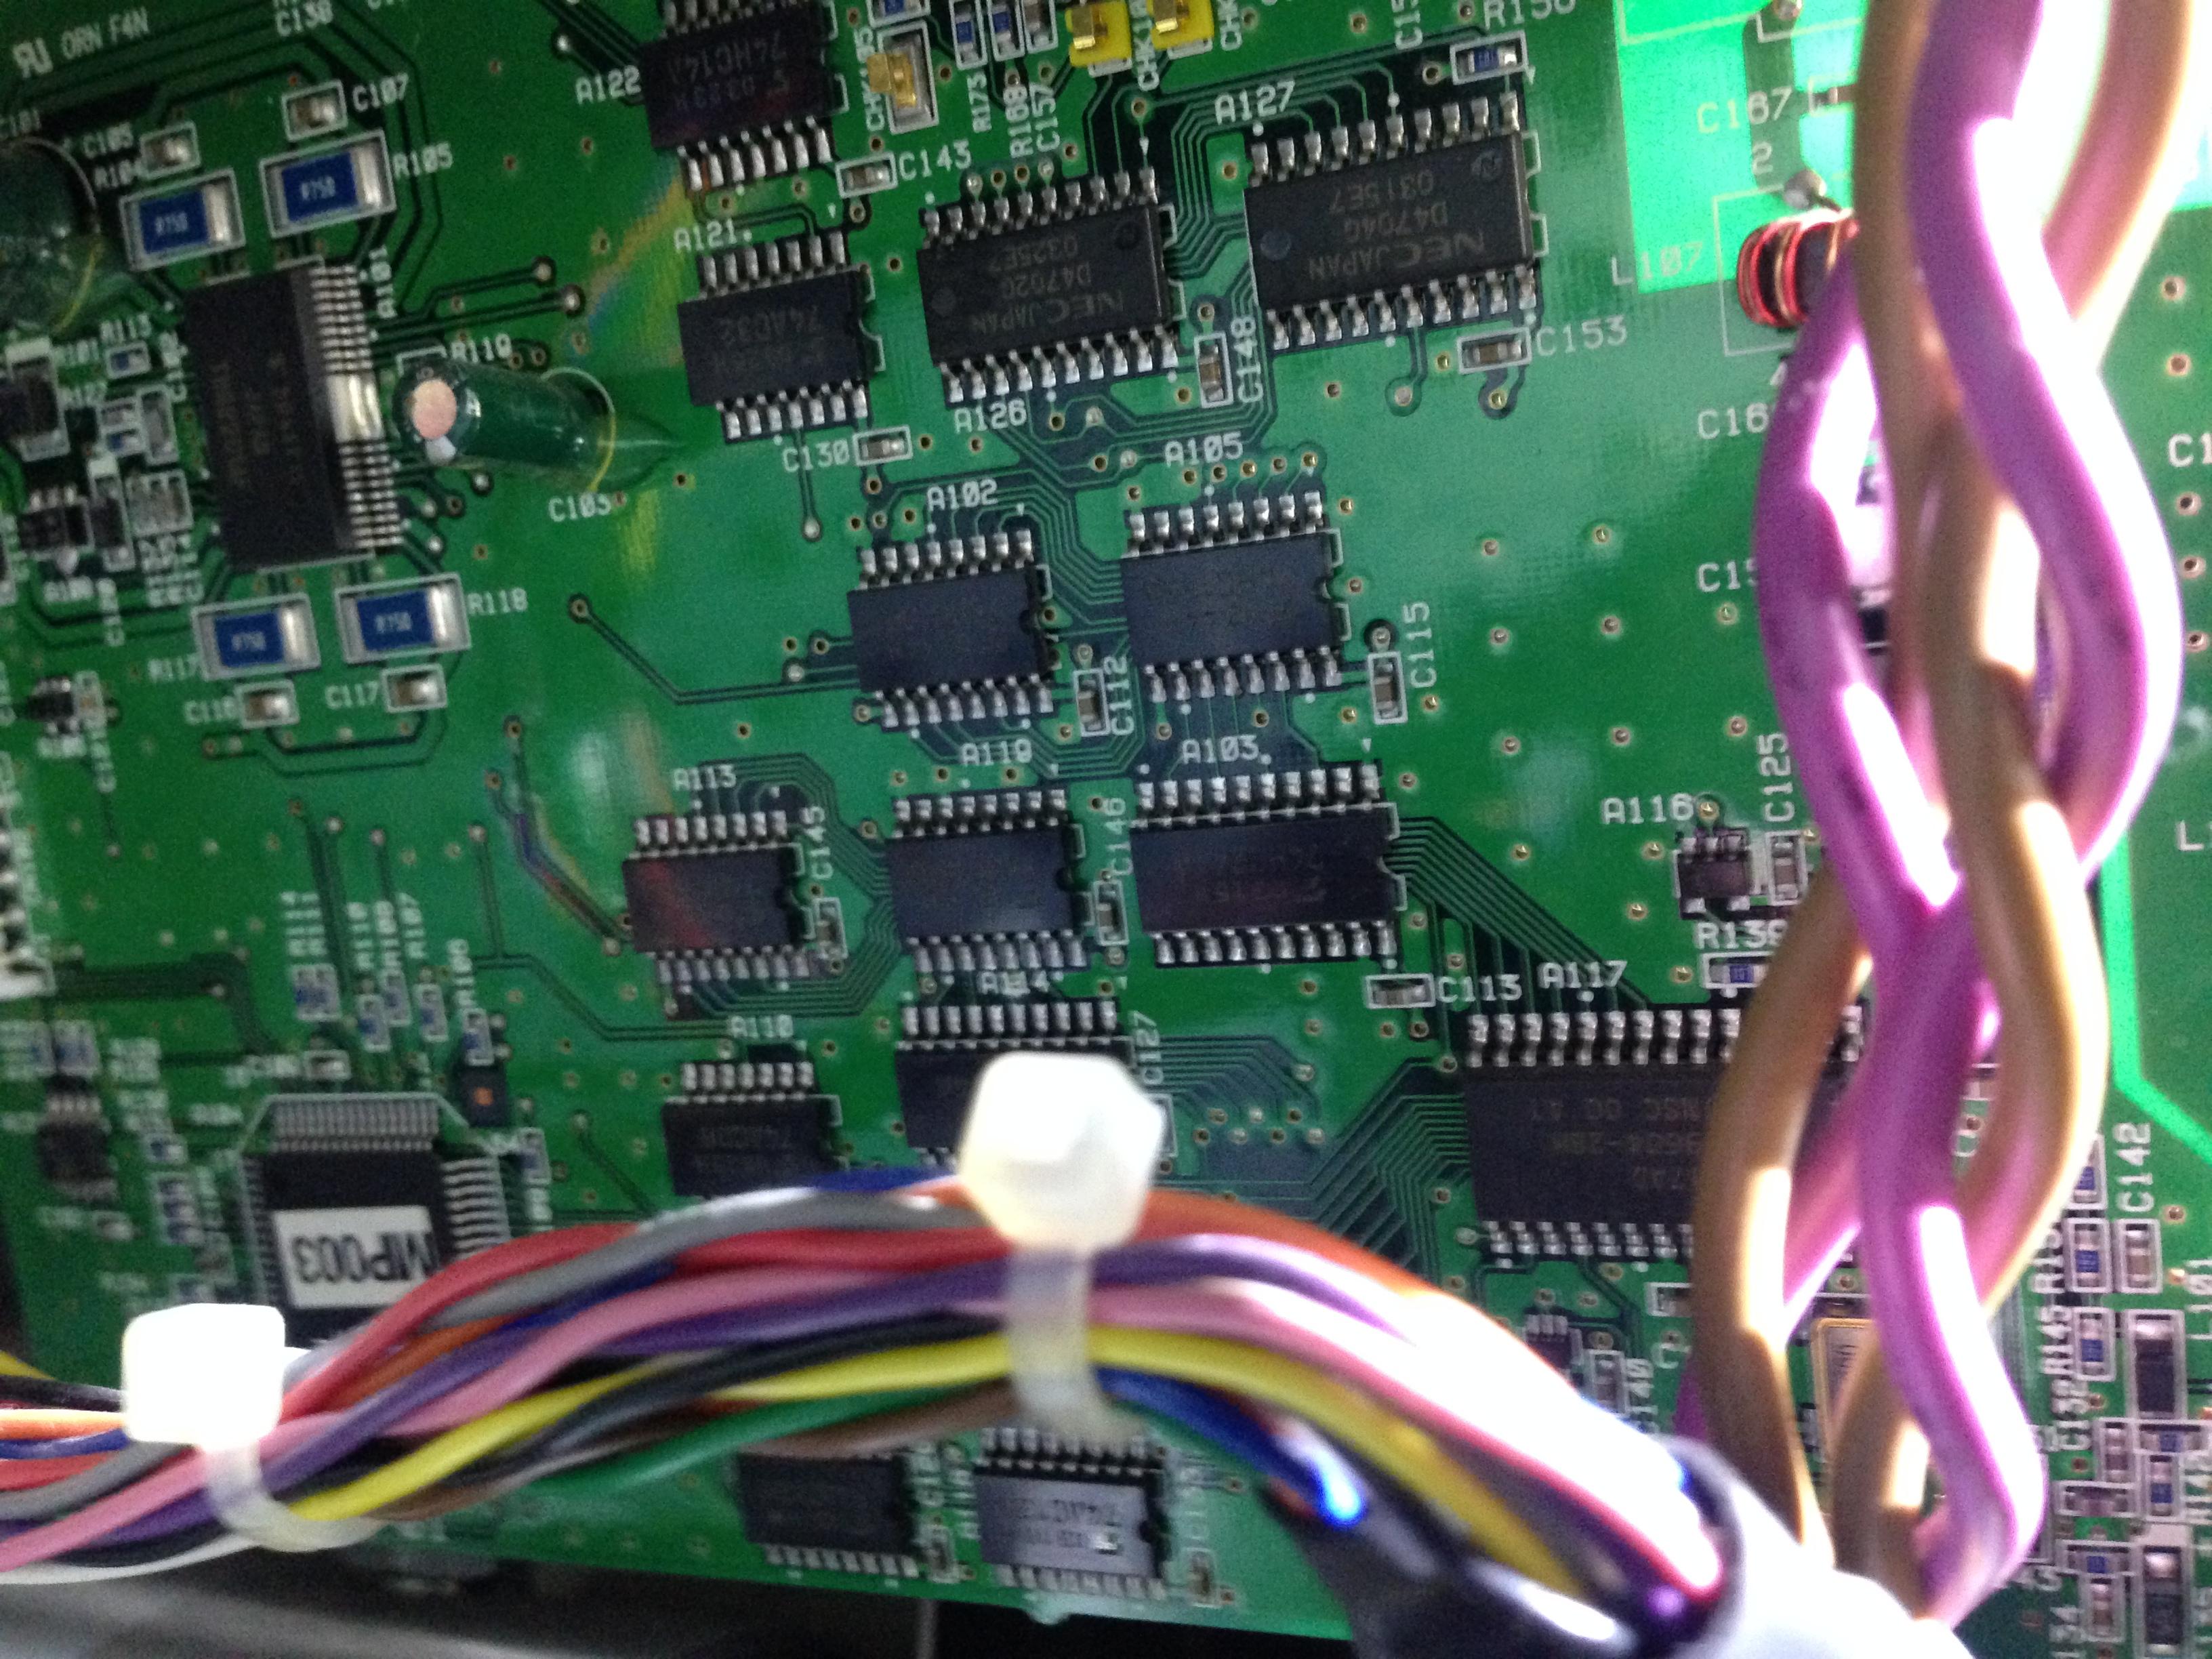 41J Blog » Blog Archive Keyence VE7800 PCB Pics - 41J Blog